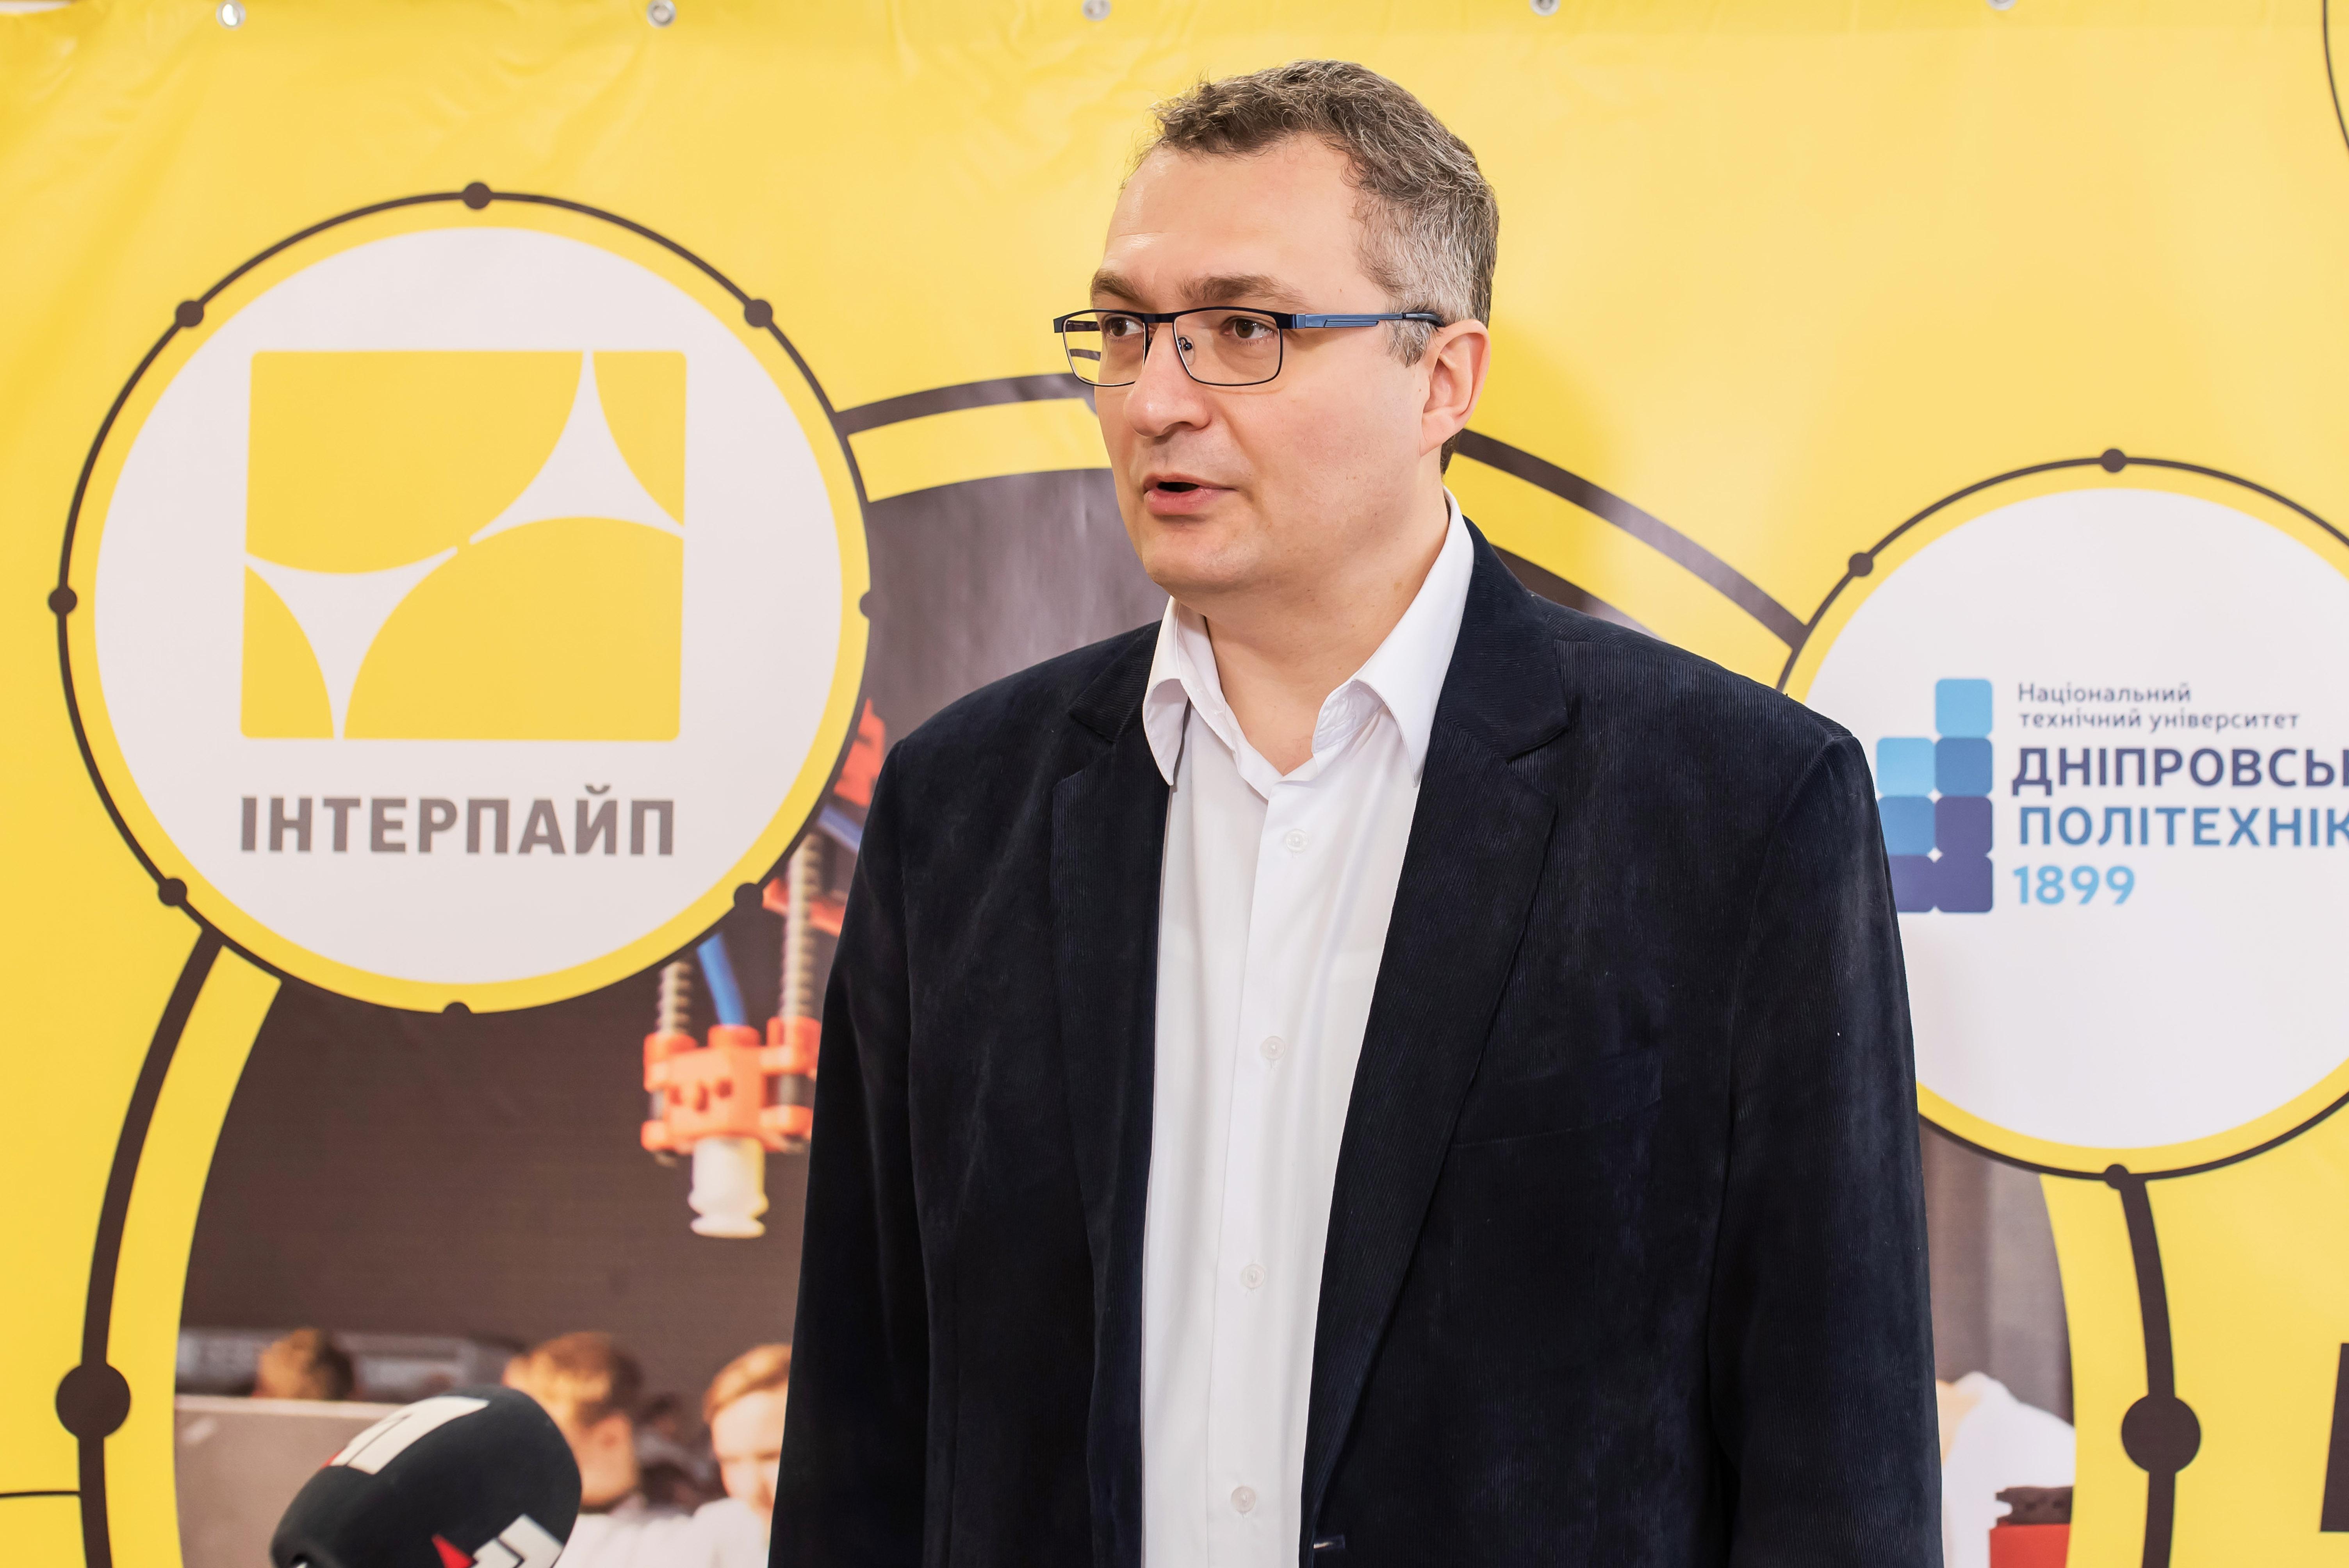 Новости Днепра про При поддержке ИНТЕРПАЙП стартовали занятия юных мехатроников Днепра и области